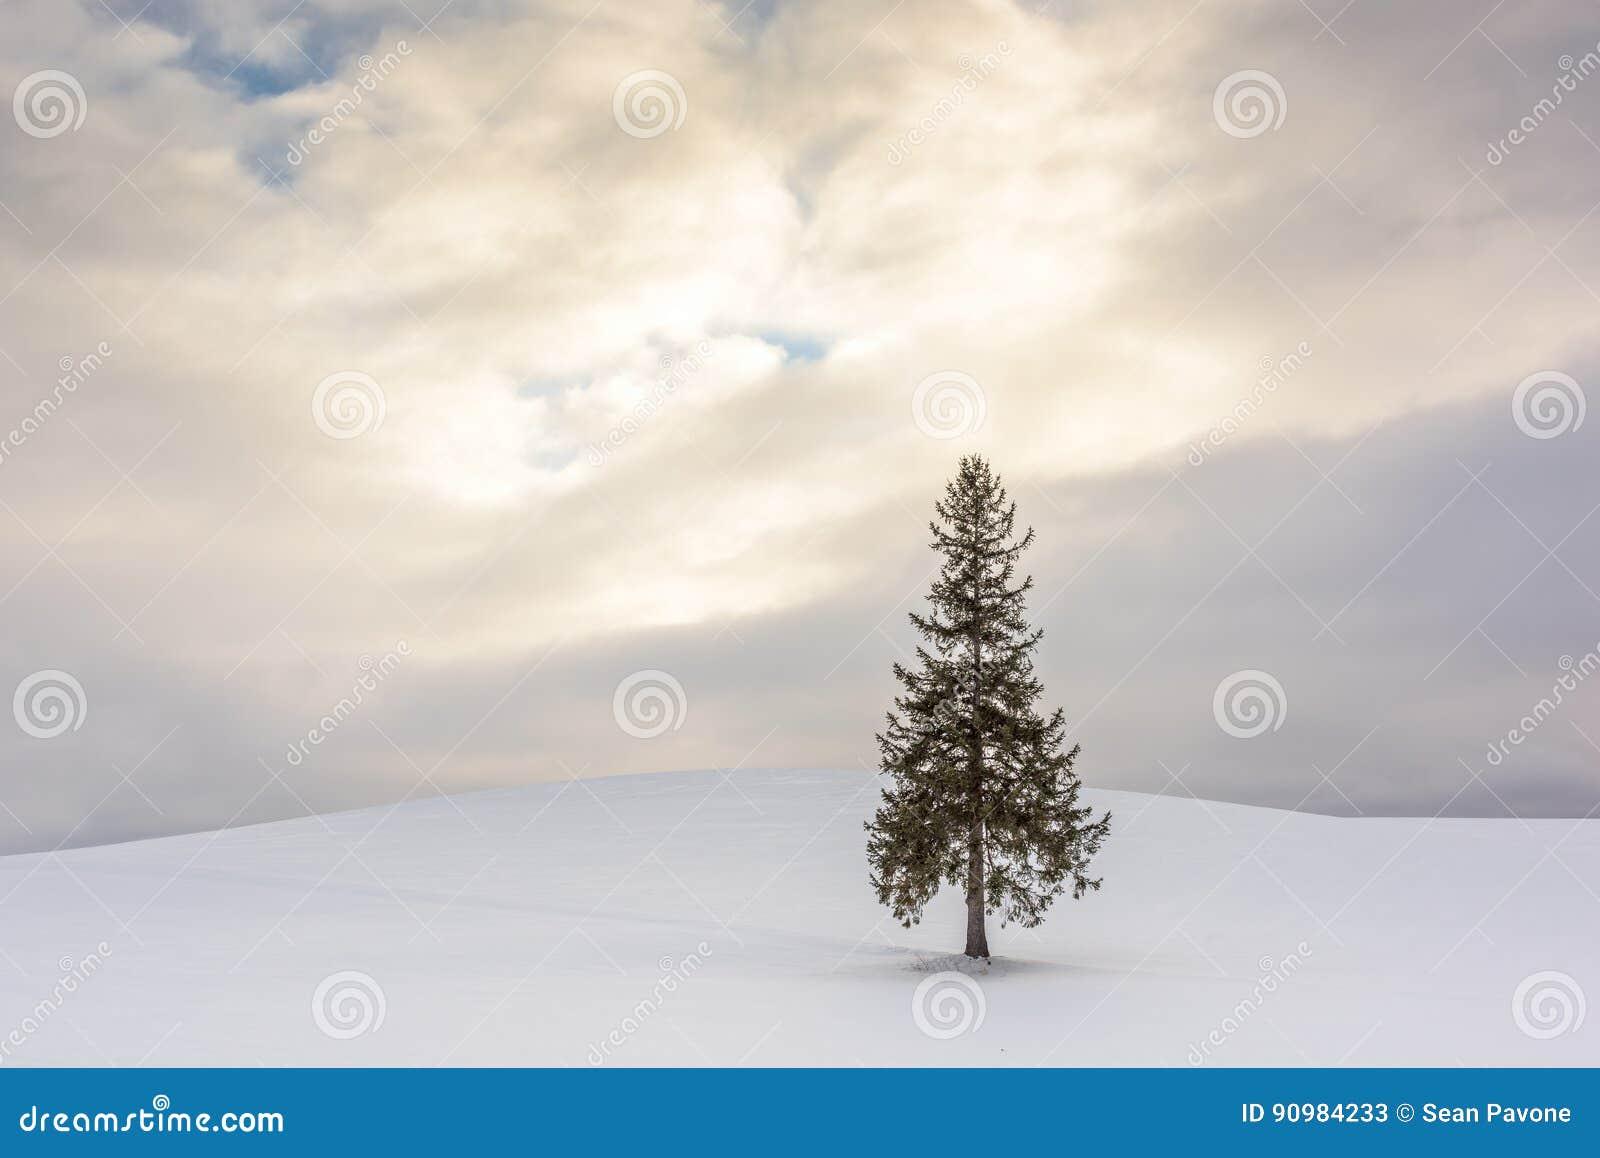 der weihnachtsbaum in bie japan stockbild  bild von